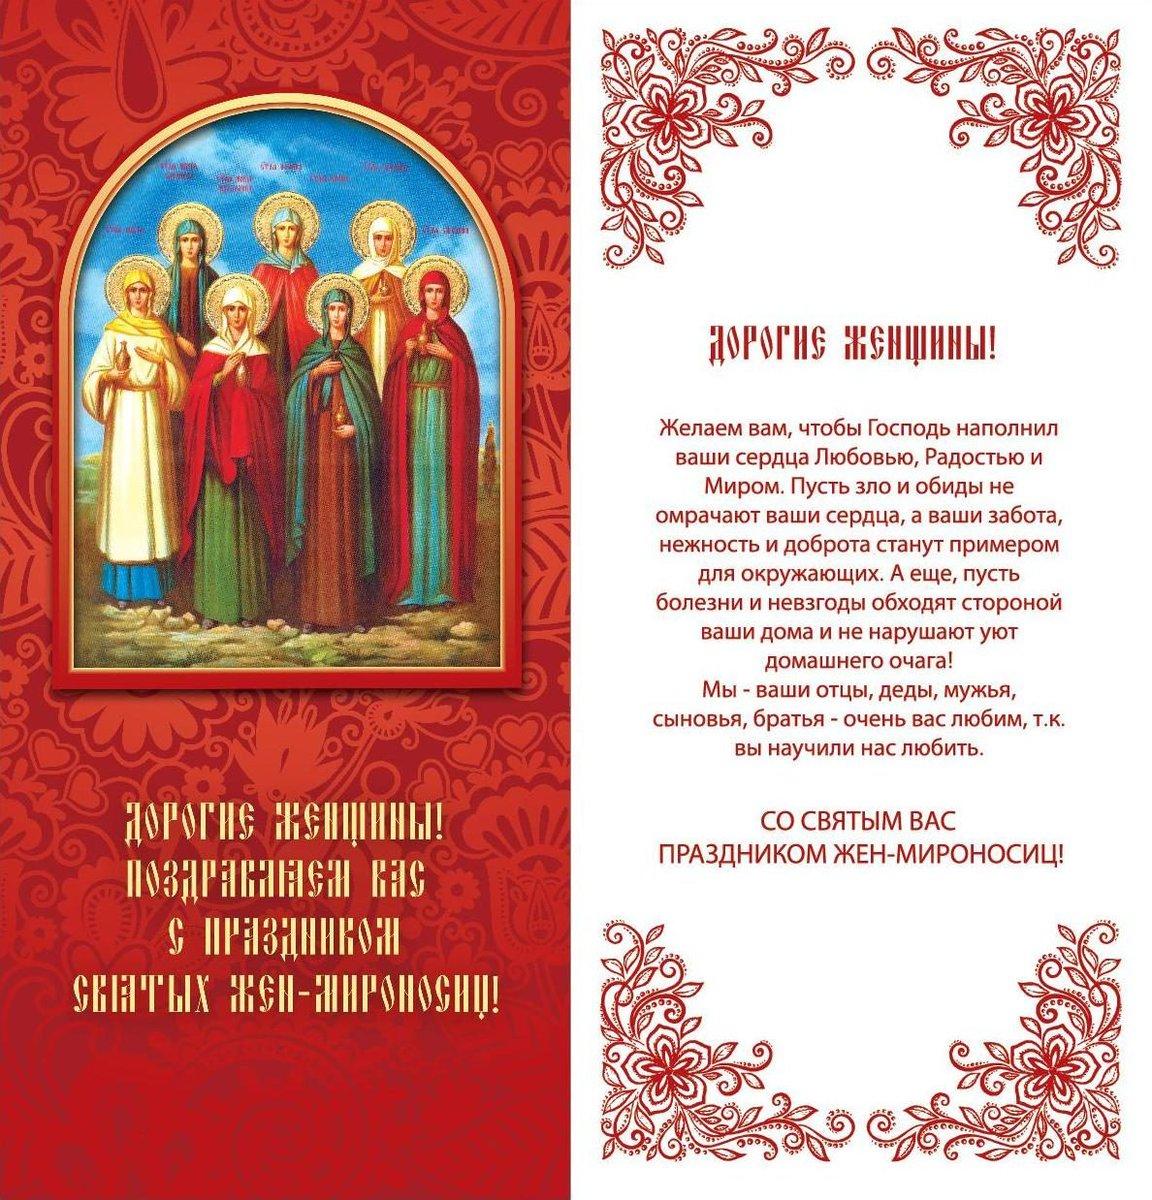 Голубей, открытки жены мироносицы